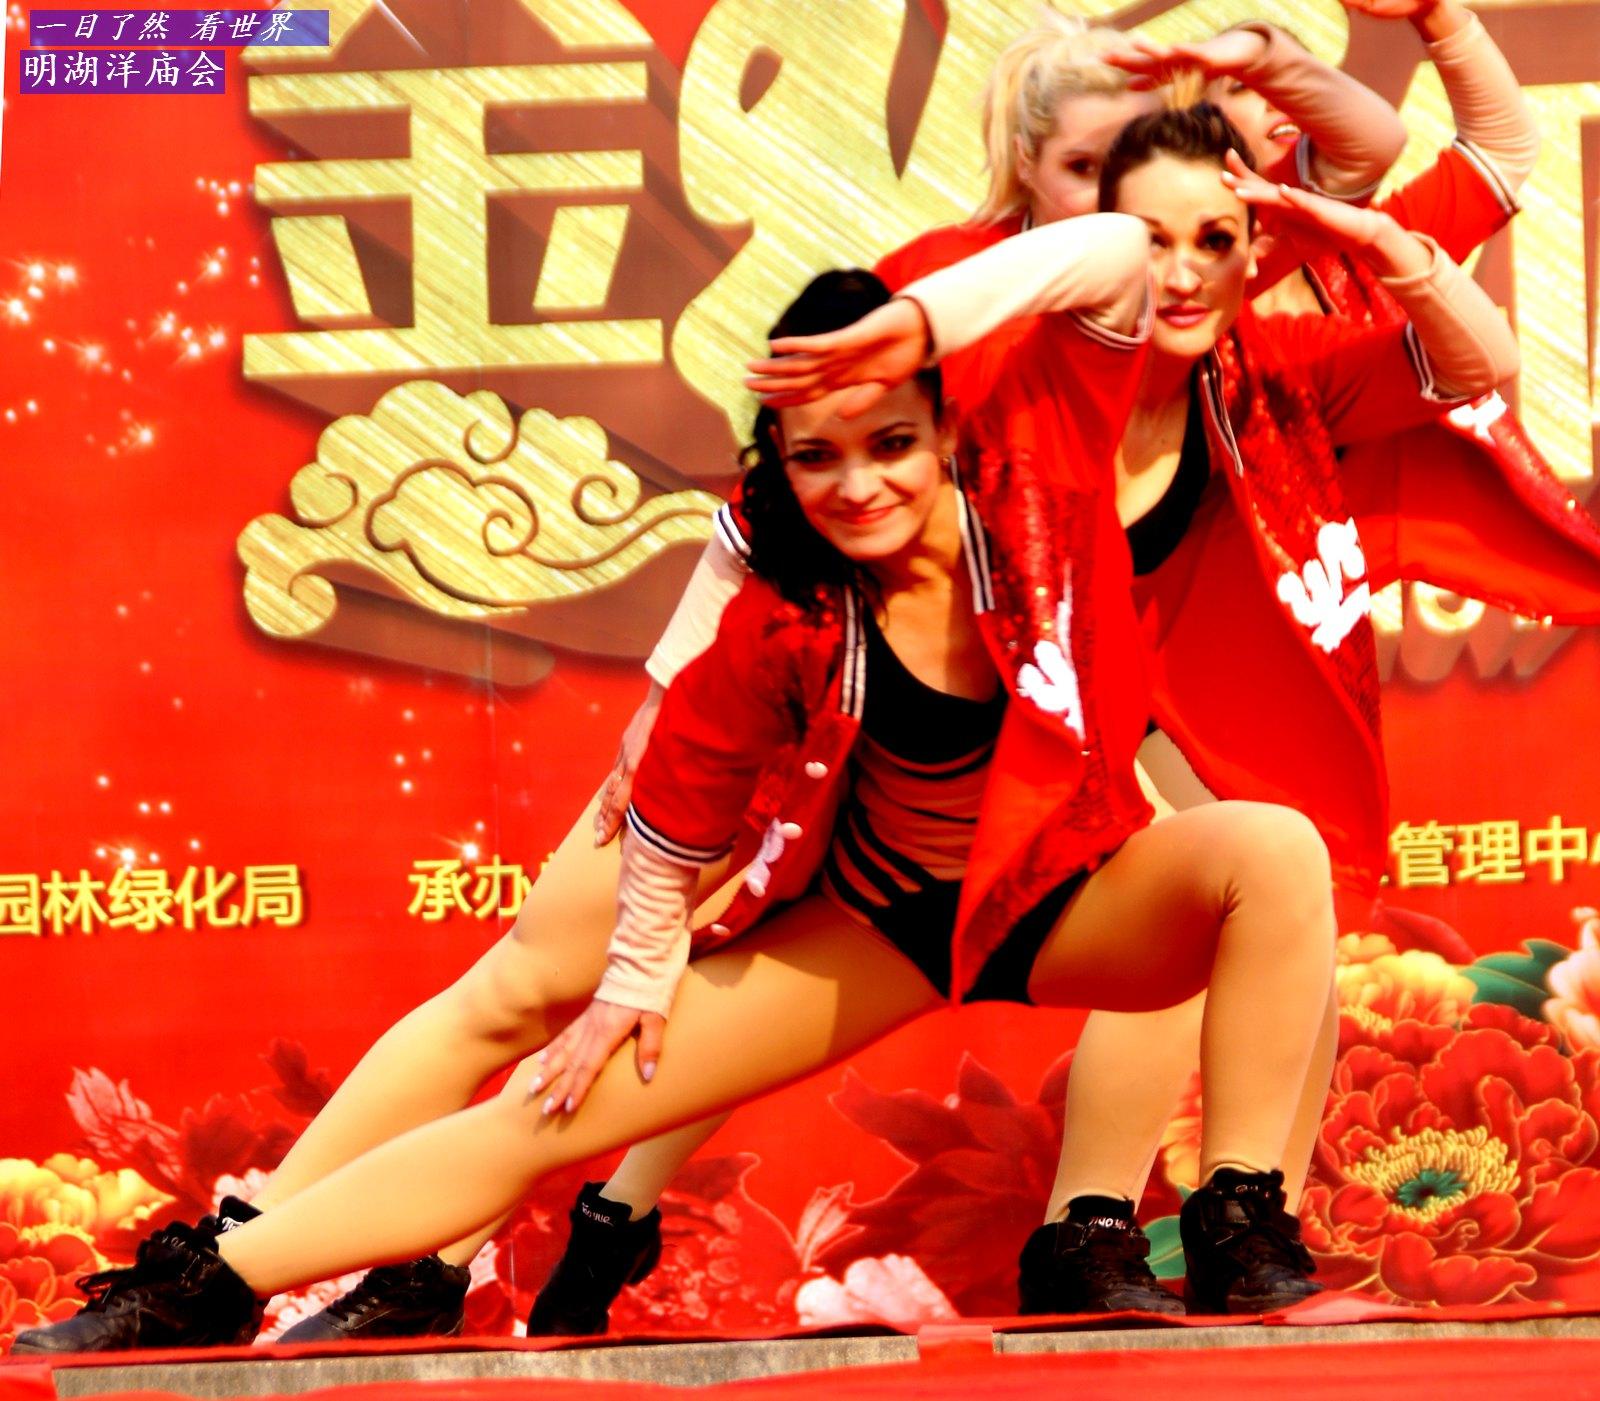 明湖春节文化庙会-洋庙会演出-92-1600.jpg